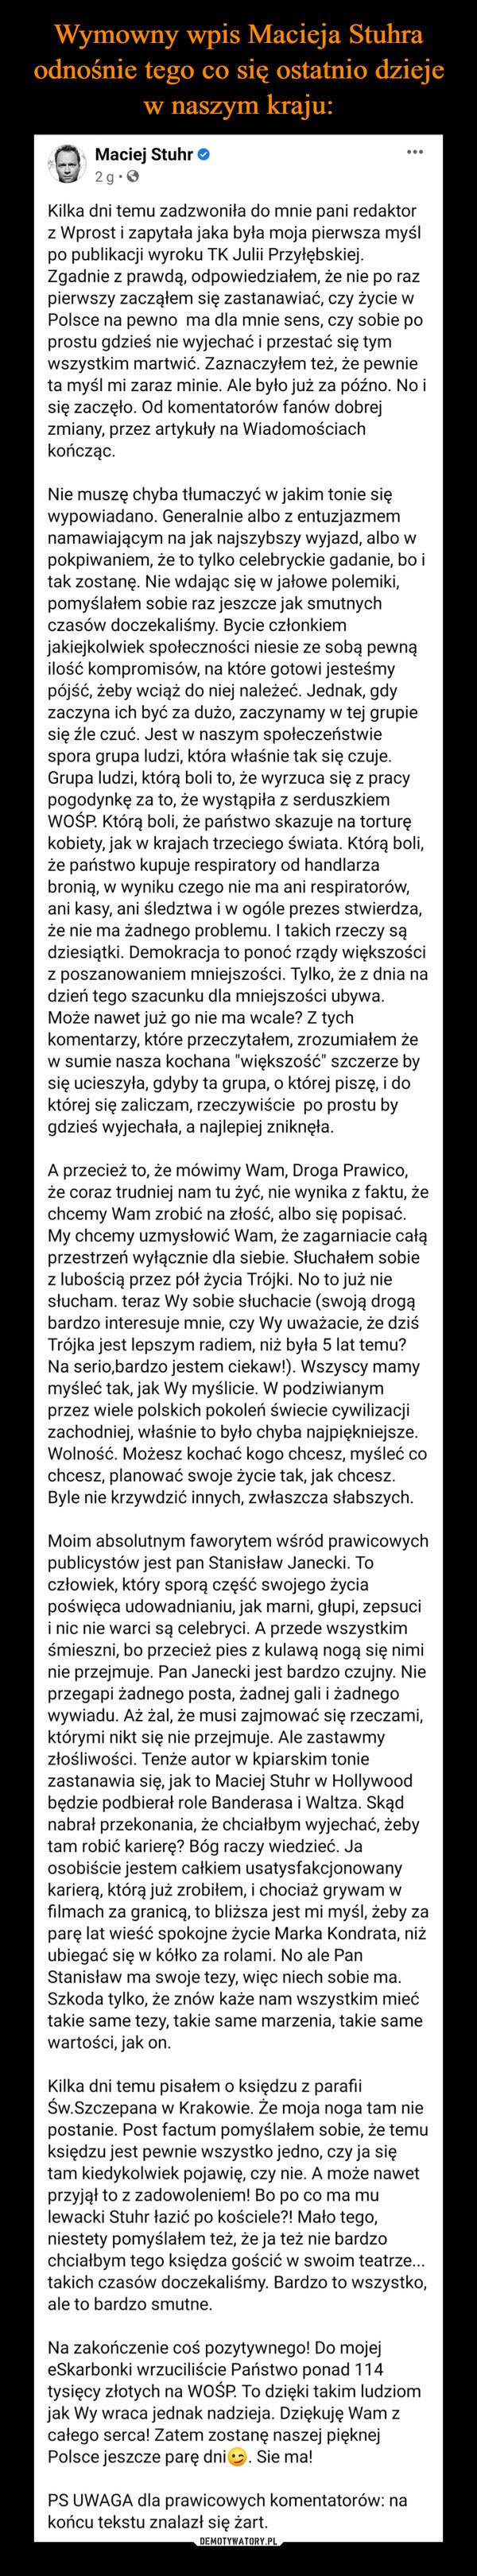 """–  Kilka dni temu zadzwoniła do mnie pani redaktor z Wprost i zapytała jaka była moja pierwsza myśl po publikacji wyroku TK Julii Przyłębskiej. Zgadnie z prawdą, odpowiedziałem, że nie po raz pierwszy zacząłem się zastanawiać, czy życie w Polsce na pewno  ma dla mnie sens, czy sobie po prostu gdzieś nie wyjechać i przestać się tym wszystkim martwić. Zaznaczyłem też, że pewnie ta myśl mi zaraz minie. Ale było już za późno. No i się zaczęło. Od komentatorów fanów dobrej zmiany, przez artykuły na Wiadomościach kończąc.Nie muszę chyba tłumaczyć w jakim tonie się wypowiadano. Generalnie albo z entuzjazmem namawiającym na jak najszybszy wyjazd, albo w pokpiwaniem, że to tylko celebryckie gadanie, bo i tak zostanę. Nie wdając się w jałowe polemiki, pomyślałem sobie raz jeszcze jak smutnych czasów doczekaliśmy. Bycie członkiem jakiejkolwiek społeczności niesie ze sobą pewną ilość kompromisów, na które gotowi jesteśmy pójść, żeby wciąż do niej należeć. Jednak, gdy zaczyna ich być za dużo, zaczynamy w tej grupie się źle czuć. Jest w naszym społeczeństwie spora grupa ludzi, która właśnie tak się czuje. Grupa ludzi, którą boli to, że wyrzuca się z pracy pogodynkę za to, że wystąpiła z serduszkiem WOŚP. Którą boli, że państwo skazuje na torturę kobiety, jak w krajach trzeciego świata. Którą boli, że państwo kupuje respiratory od handlarza bronią, w wyniku czego nie ma ani respiratorów, ani kasy, ani śledztwa i w ogóle prezes stwierdza, że nie ma żadnego problemu. I takich rzeczy są dziesiątki. Demokracja to ponoć rządy większości z poszanowaniem mniejszości. Tylko, że z dnia na dzień tego szacunku dla mniejszości ubywa. Może nawet już go nie ma wcale? Z tych komentarzy, które przeczytałem, zrozumiałem że w sumie nasza kochana """"większość"""" szczerze by się ucieszyła, gdyby ta grupa, o której piszę, i do której się zaliczam, rzeczywiście  po prostu by gdzieś wyjechała, a najlepiej zniknęła. A przecież to, że mówimy Wam, Droga Prawico, że coraz trudniej nam tu żyć, nie wynika z faktu"""